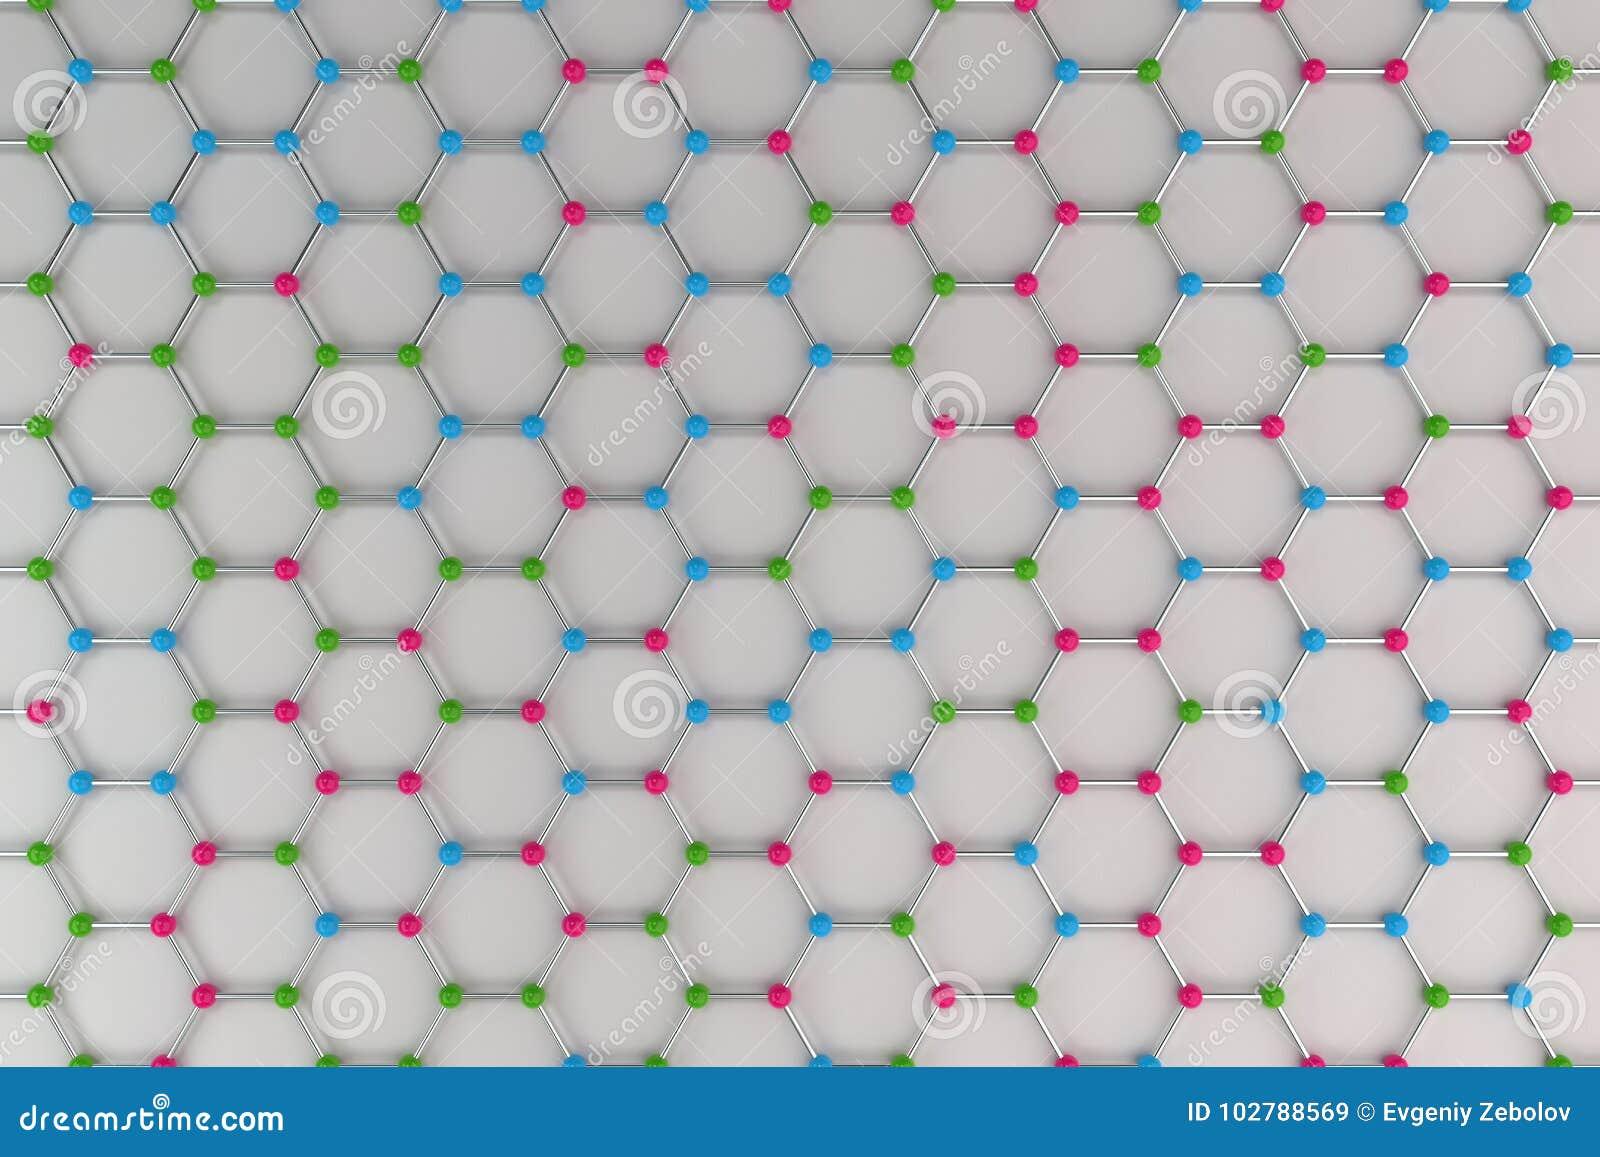 Estrutura Atômica De Graphene No Fundo Branco Ilustração